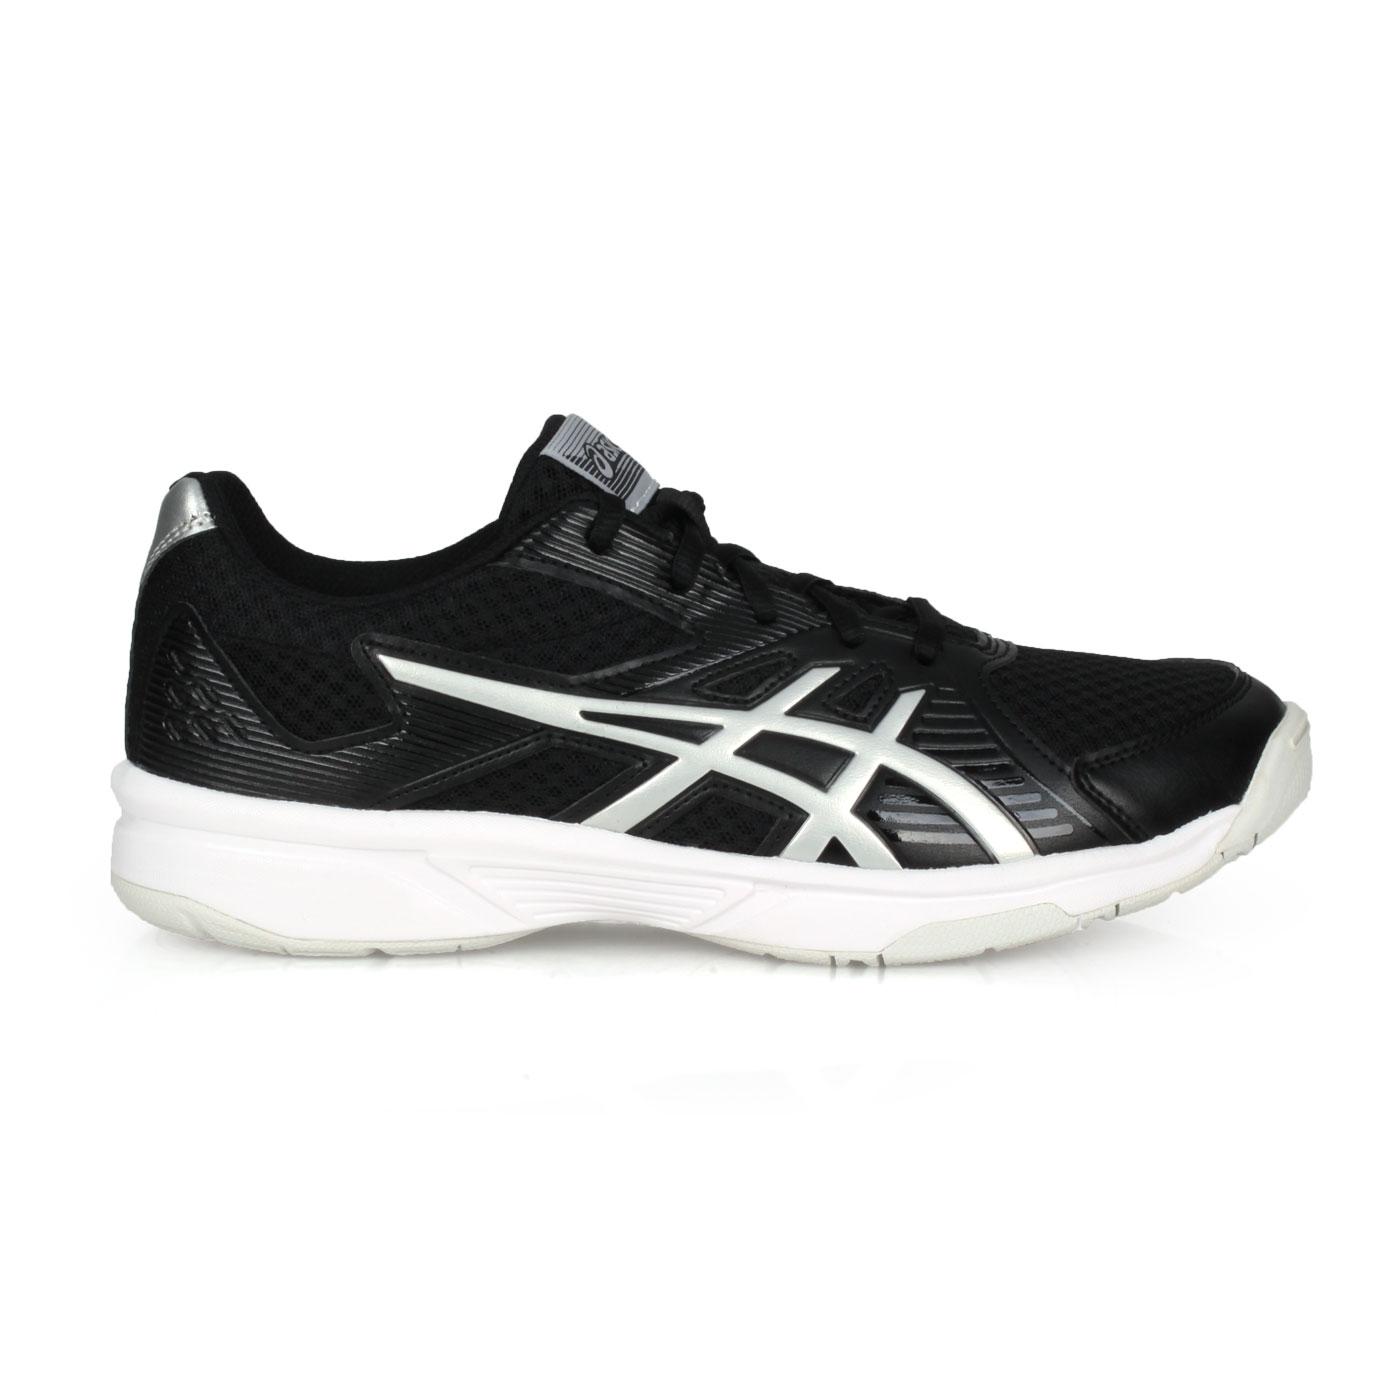 ASICS 男款排羽球鞋  @UPCOURT 3@1071A019-005 - 黑白